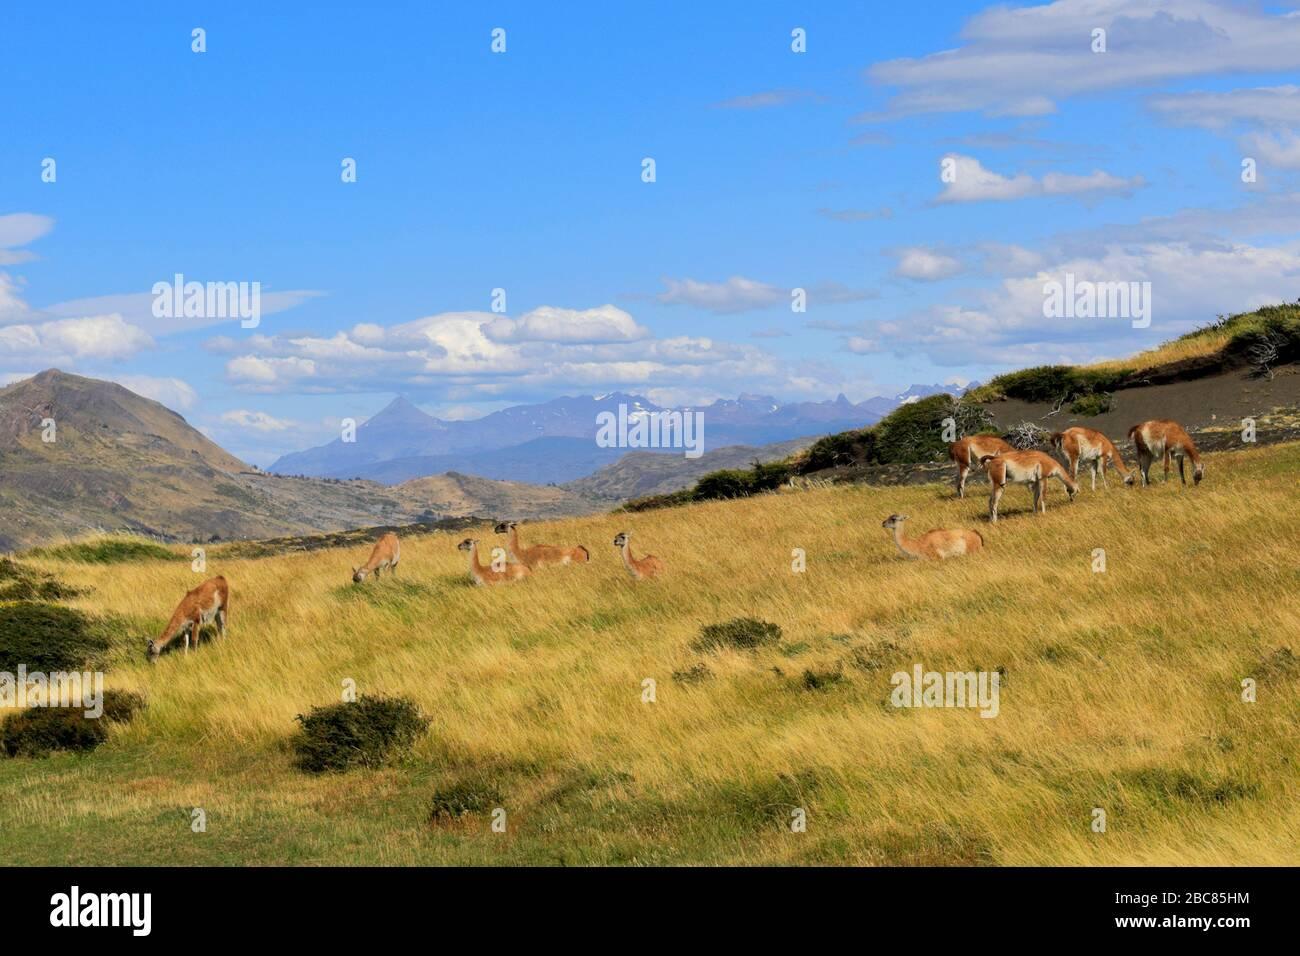 Guanacos dans le parc national de Torres del Paine, région de Magallanes, Patagonie, Chili, Amérique du Sud Banque D'Images